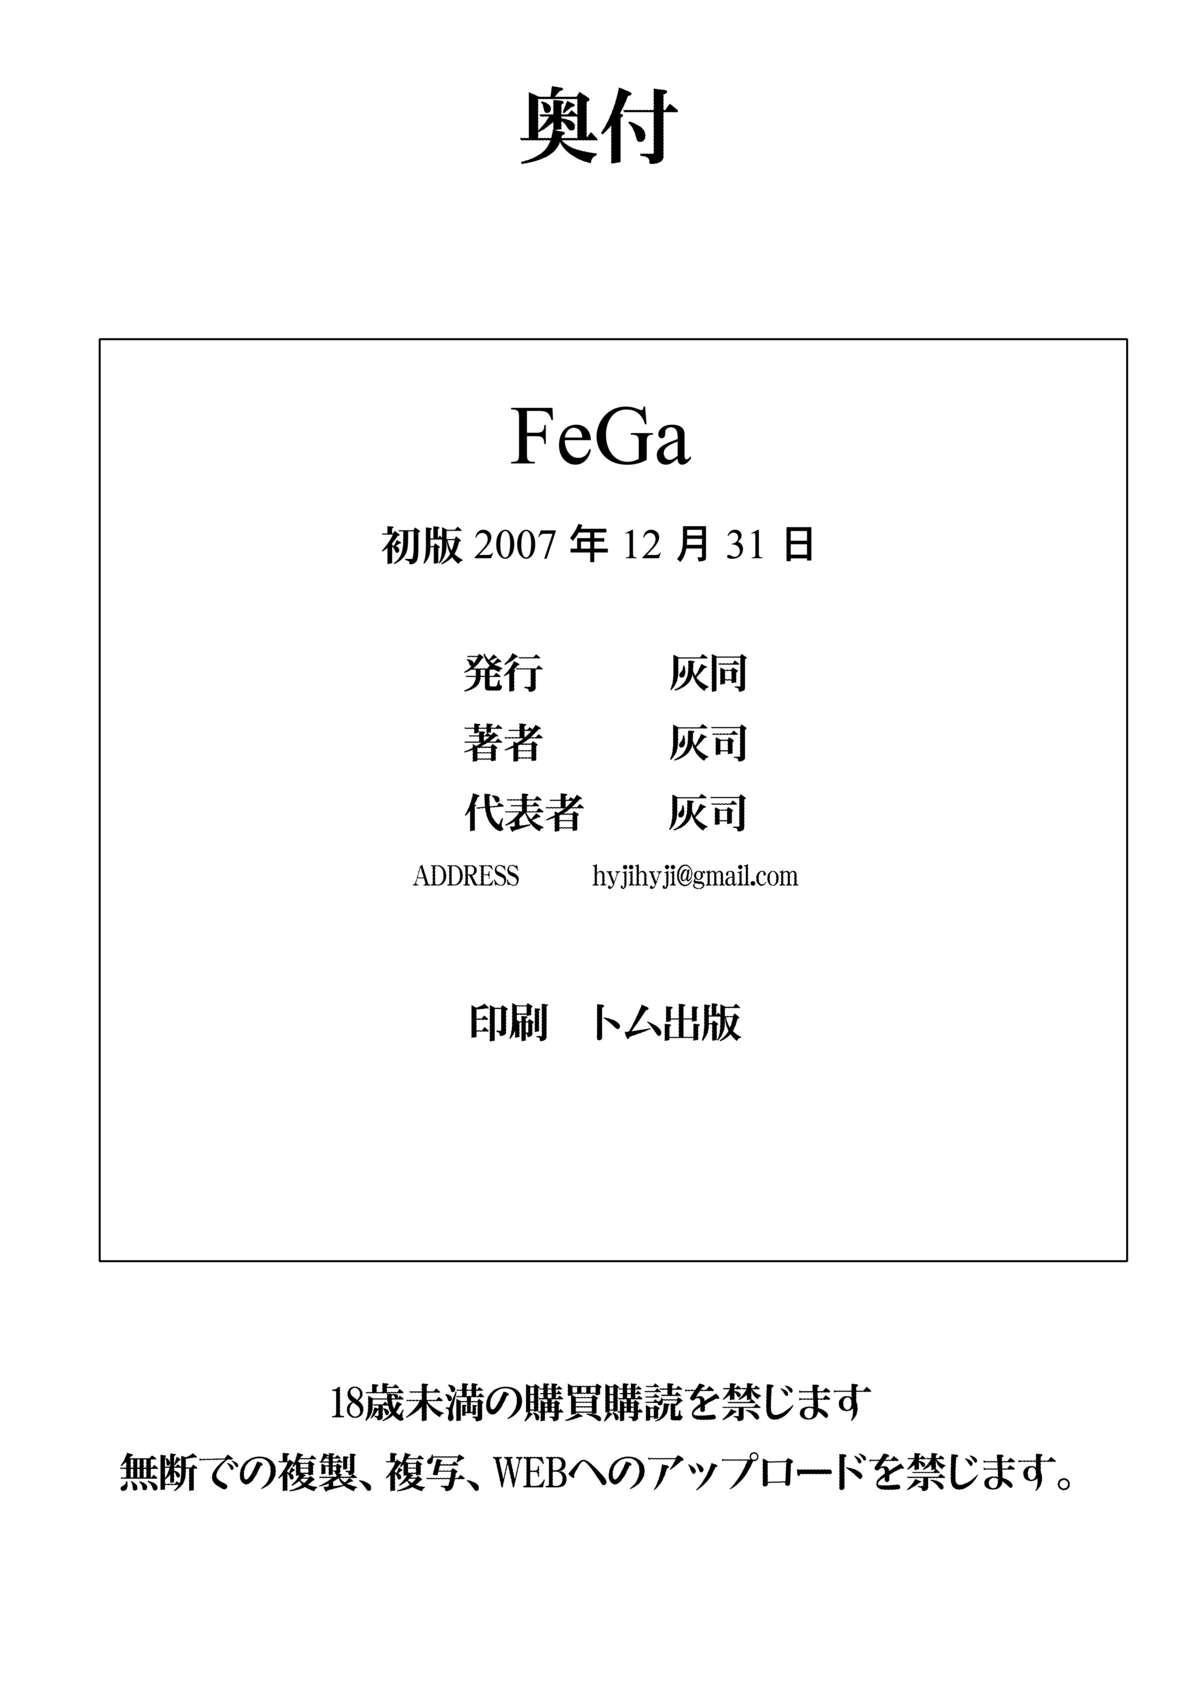 FeGa 31